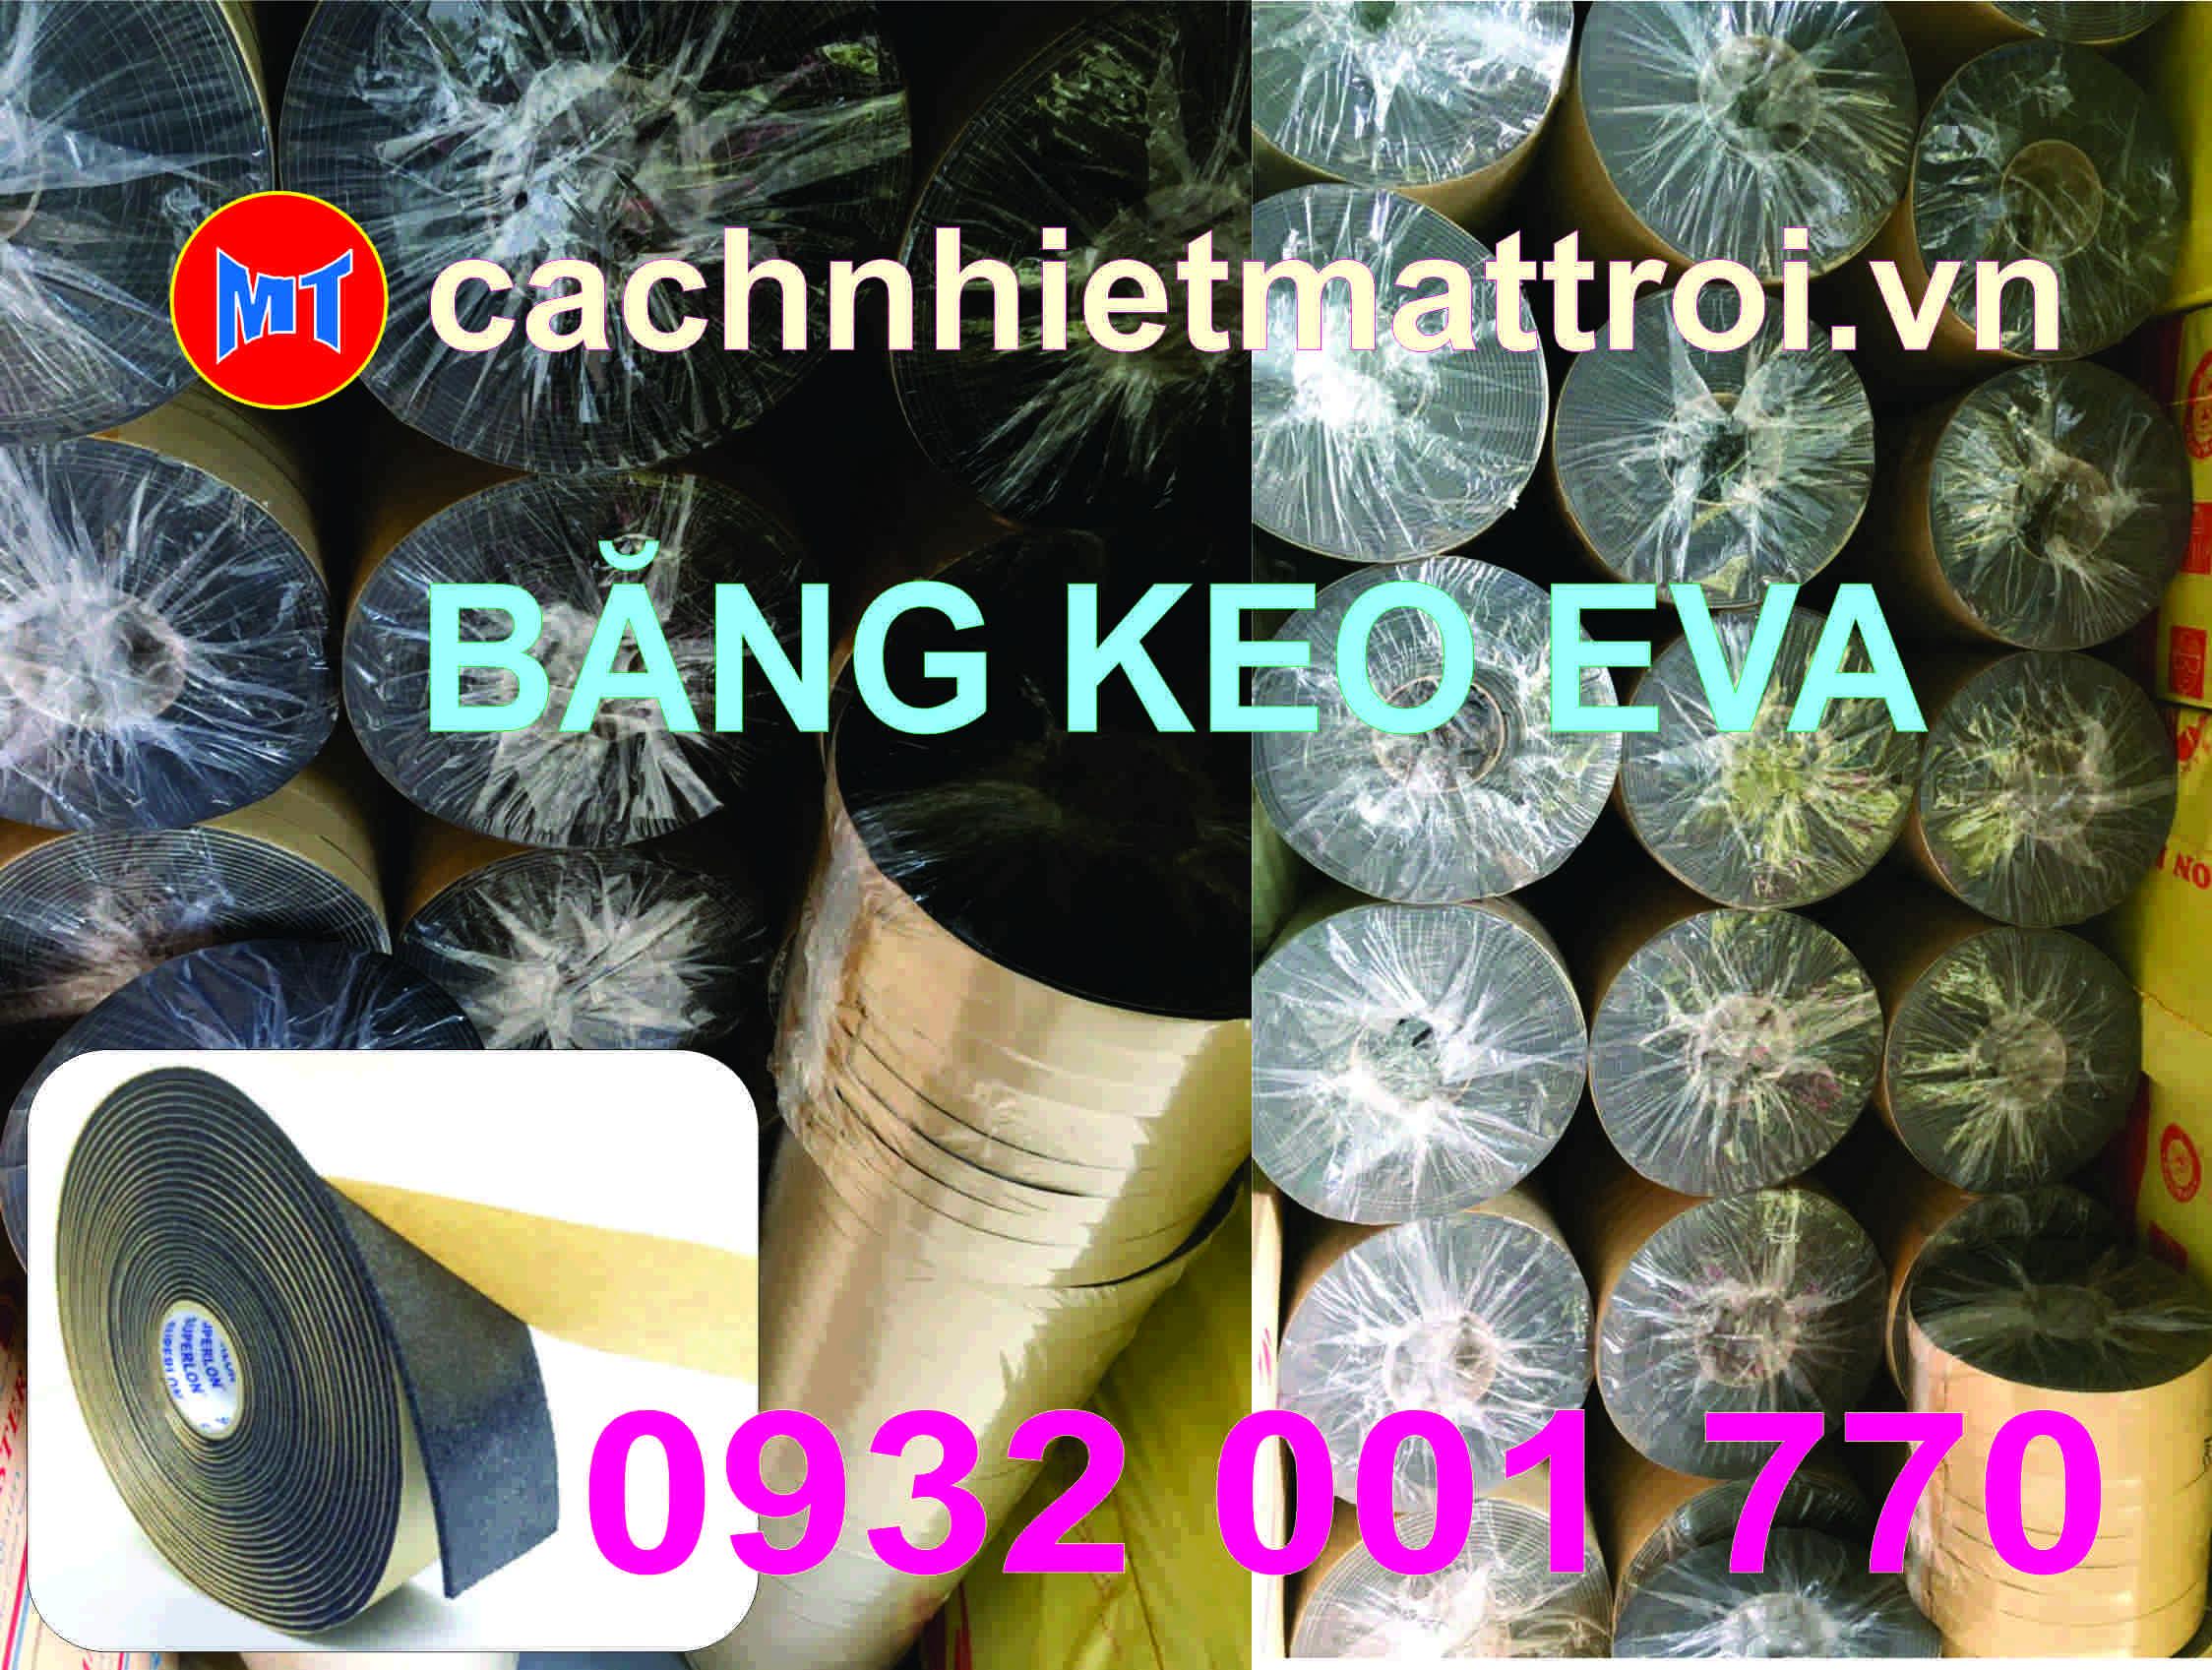 hình ảnh sản phẩm BĂNG KEO EVA